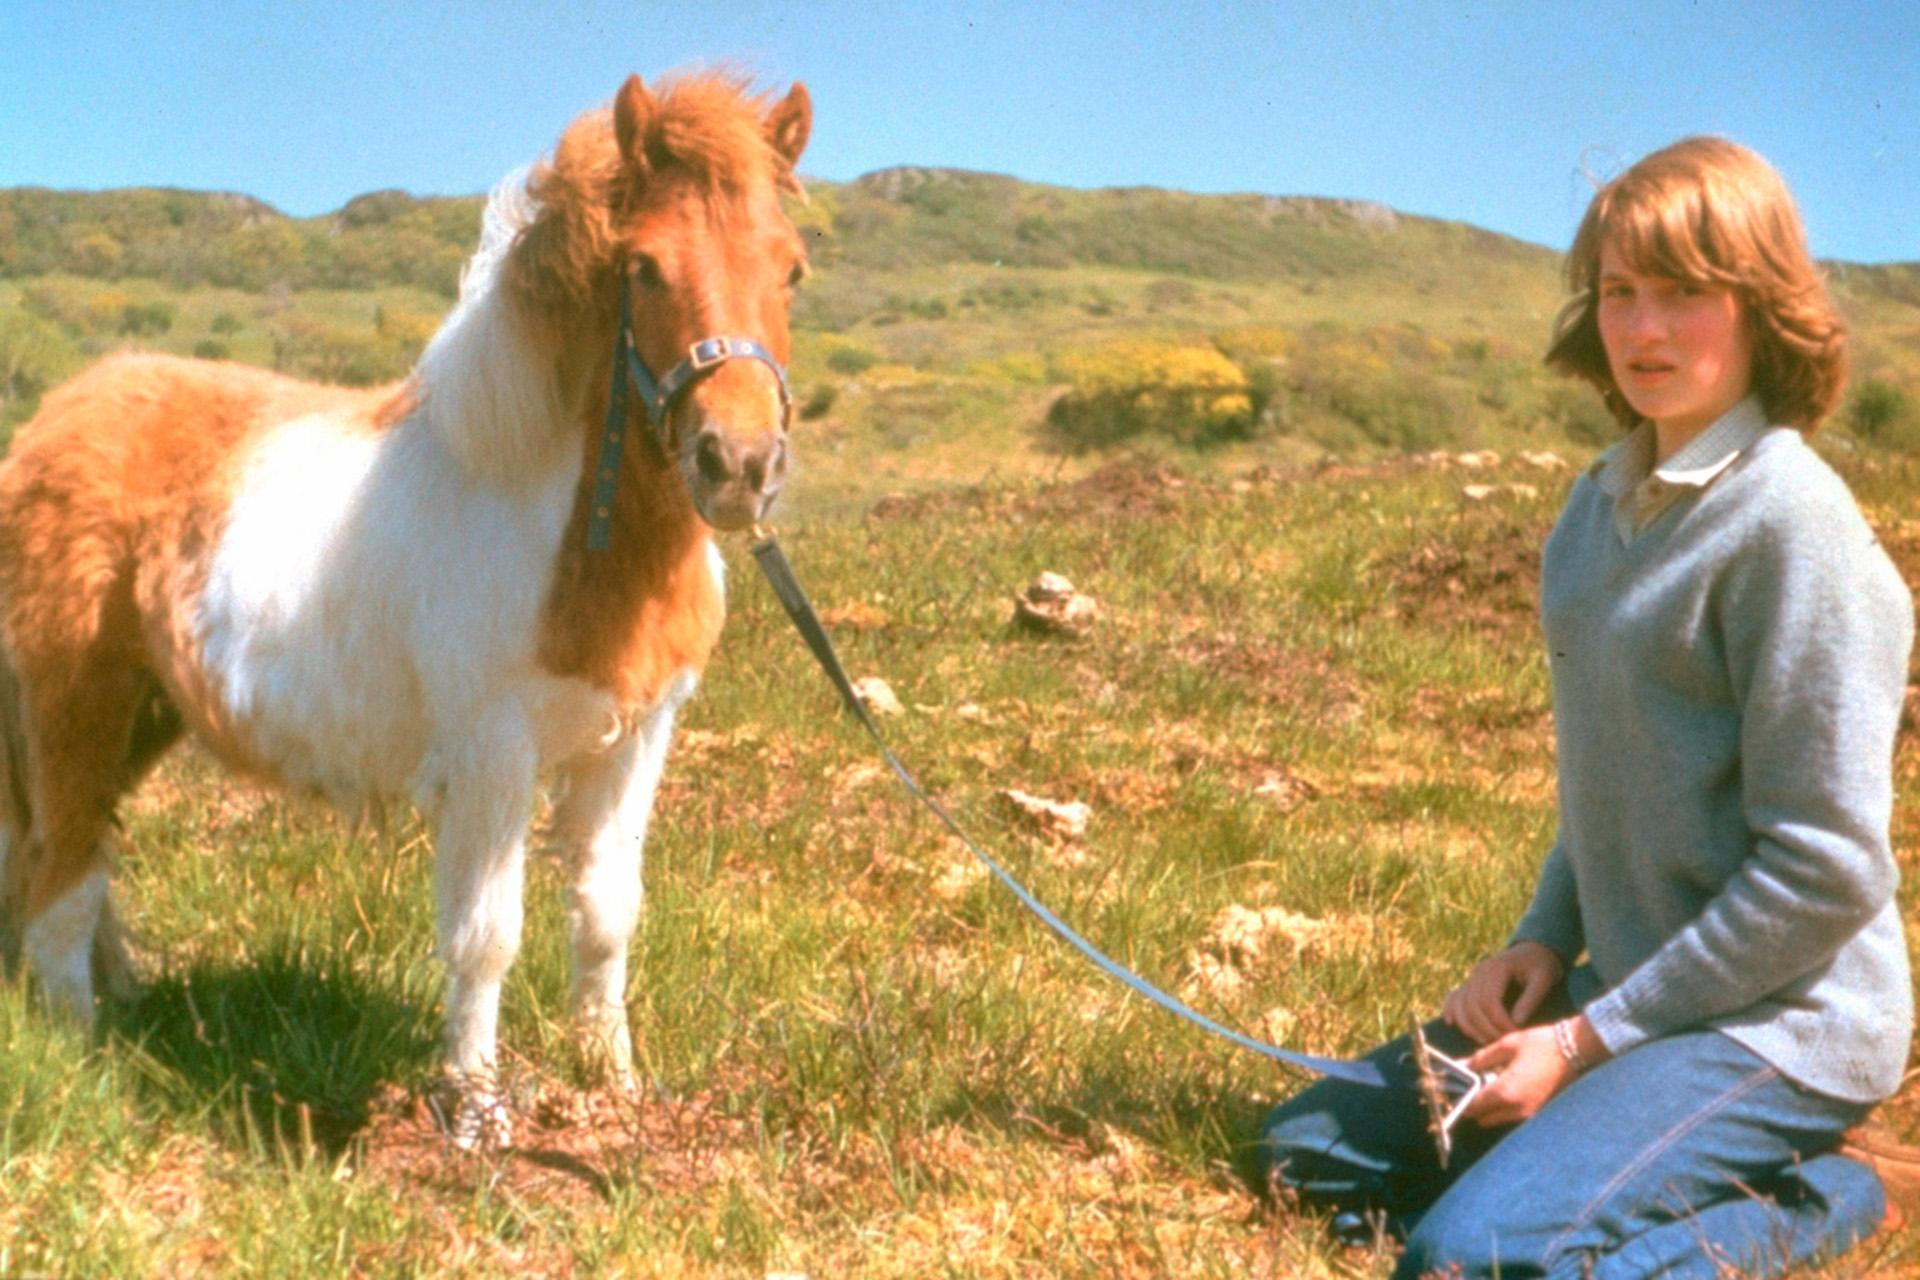 Amante de la naturaleza, Diana dedicabagran parte de su tiempo a los animales